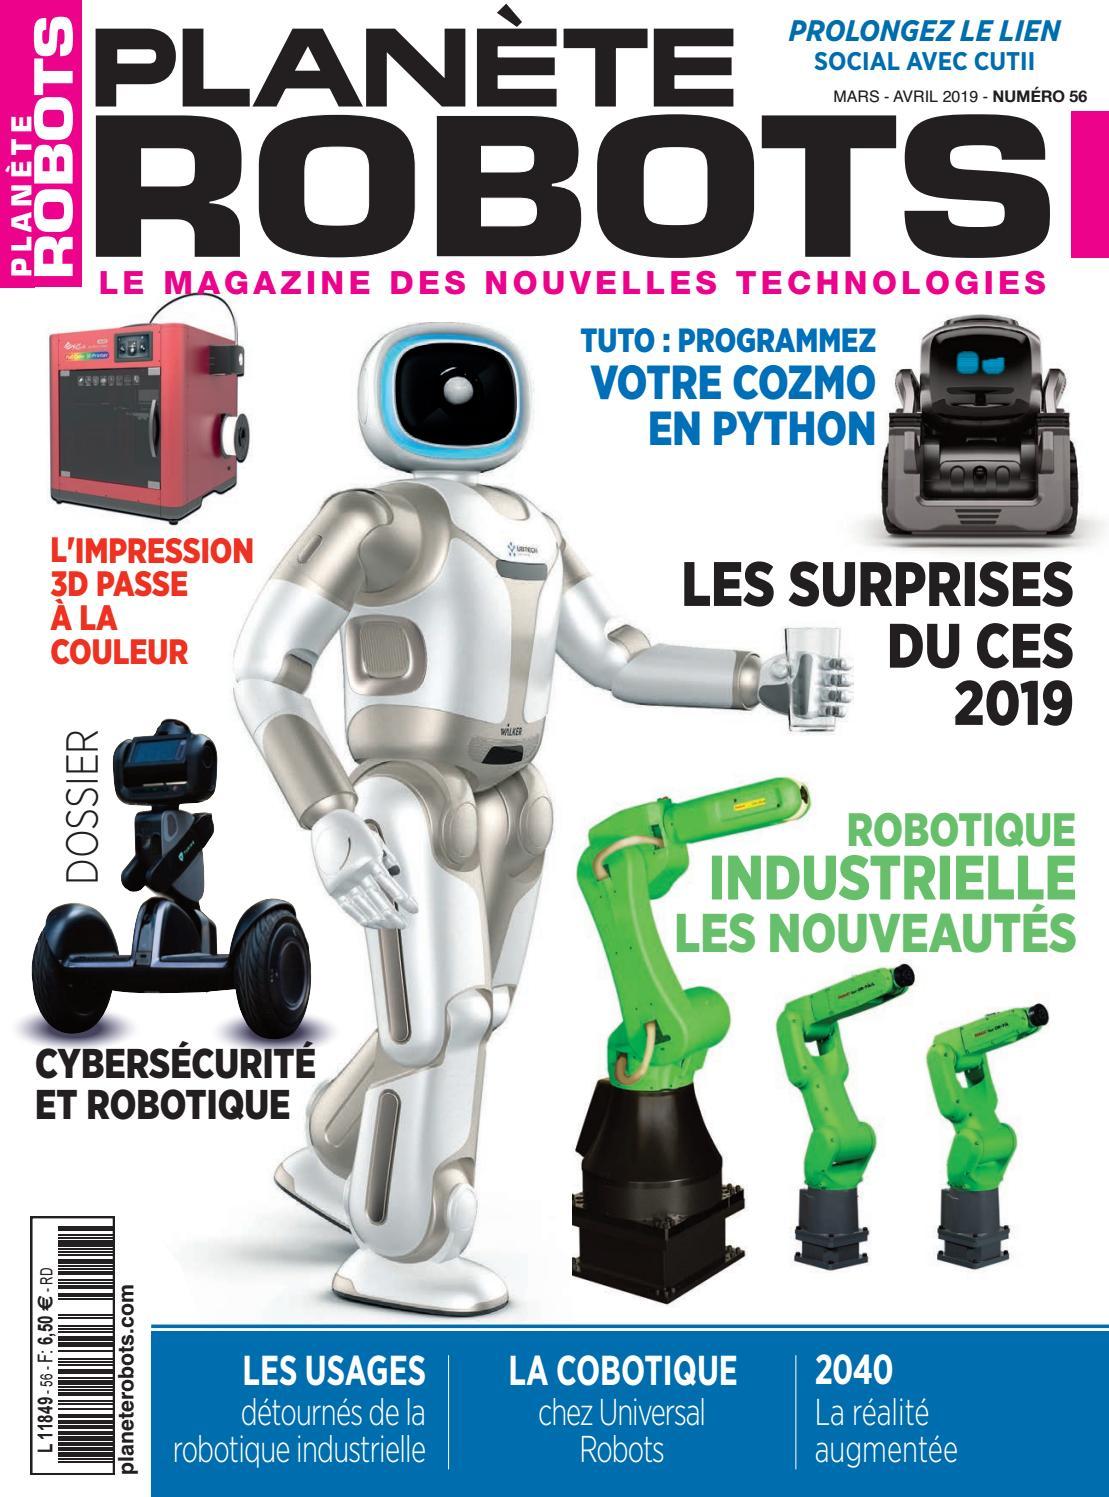 Extrait du magazine Planète Robots N°56 by Planète Robots - issuu